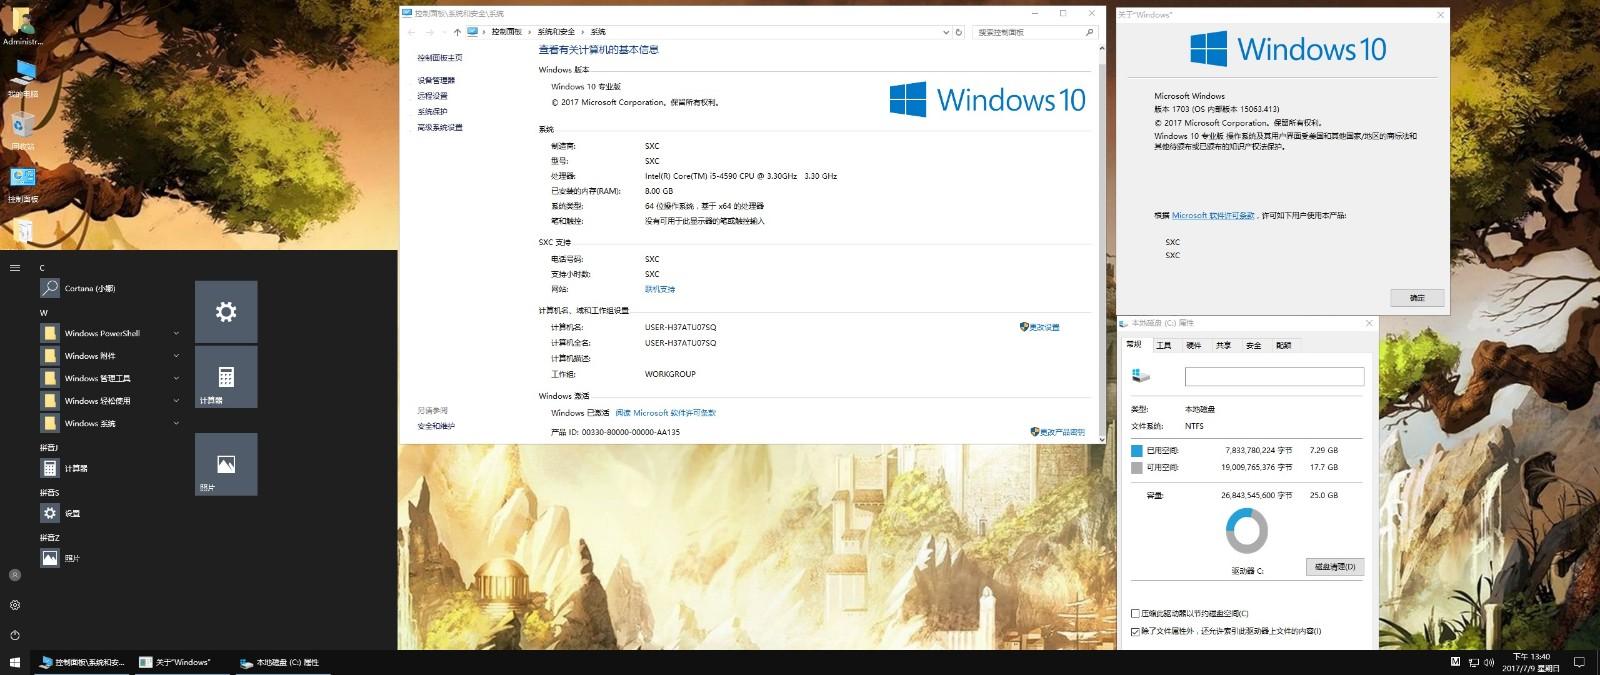 【溯汐潮】完美精简!Windows10 Pro3 X64 15063.413 2in1 稳定 高效 快速 安全 流畅